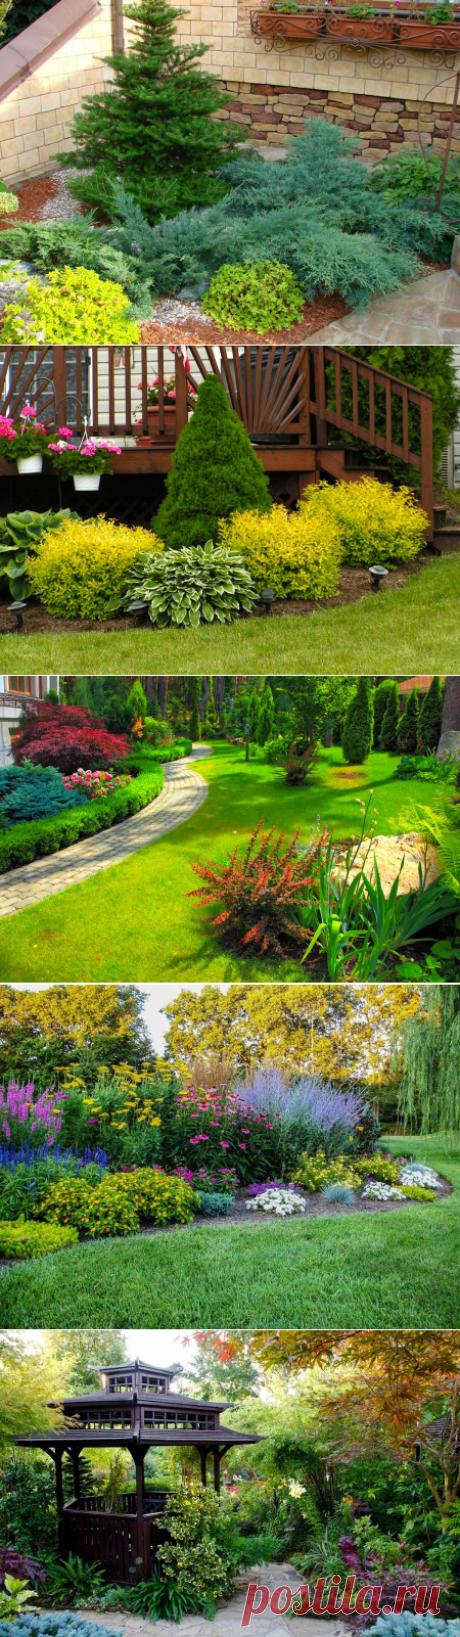 Рекомендации по ландшафтному дизайну сада цветов